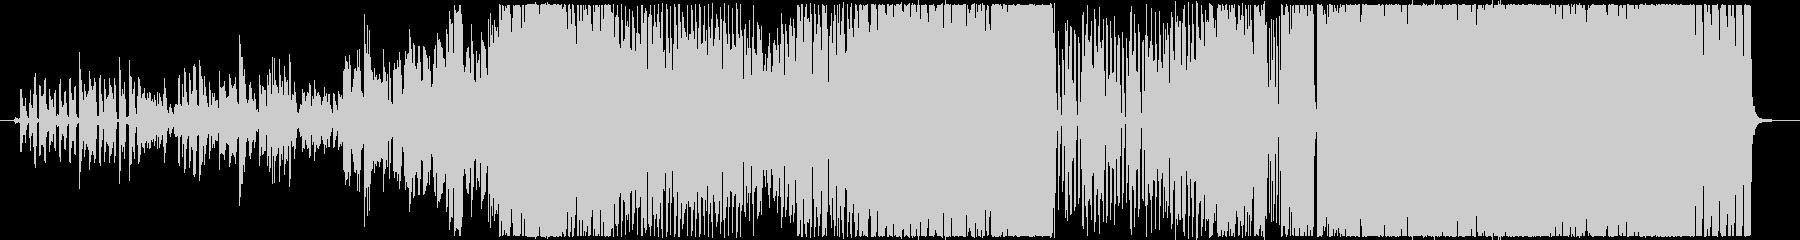 フォルテシモの未再生の波形